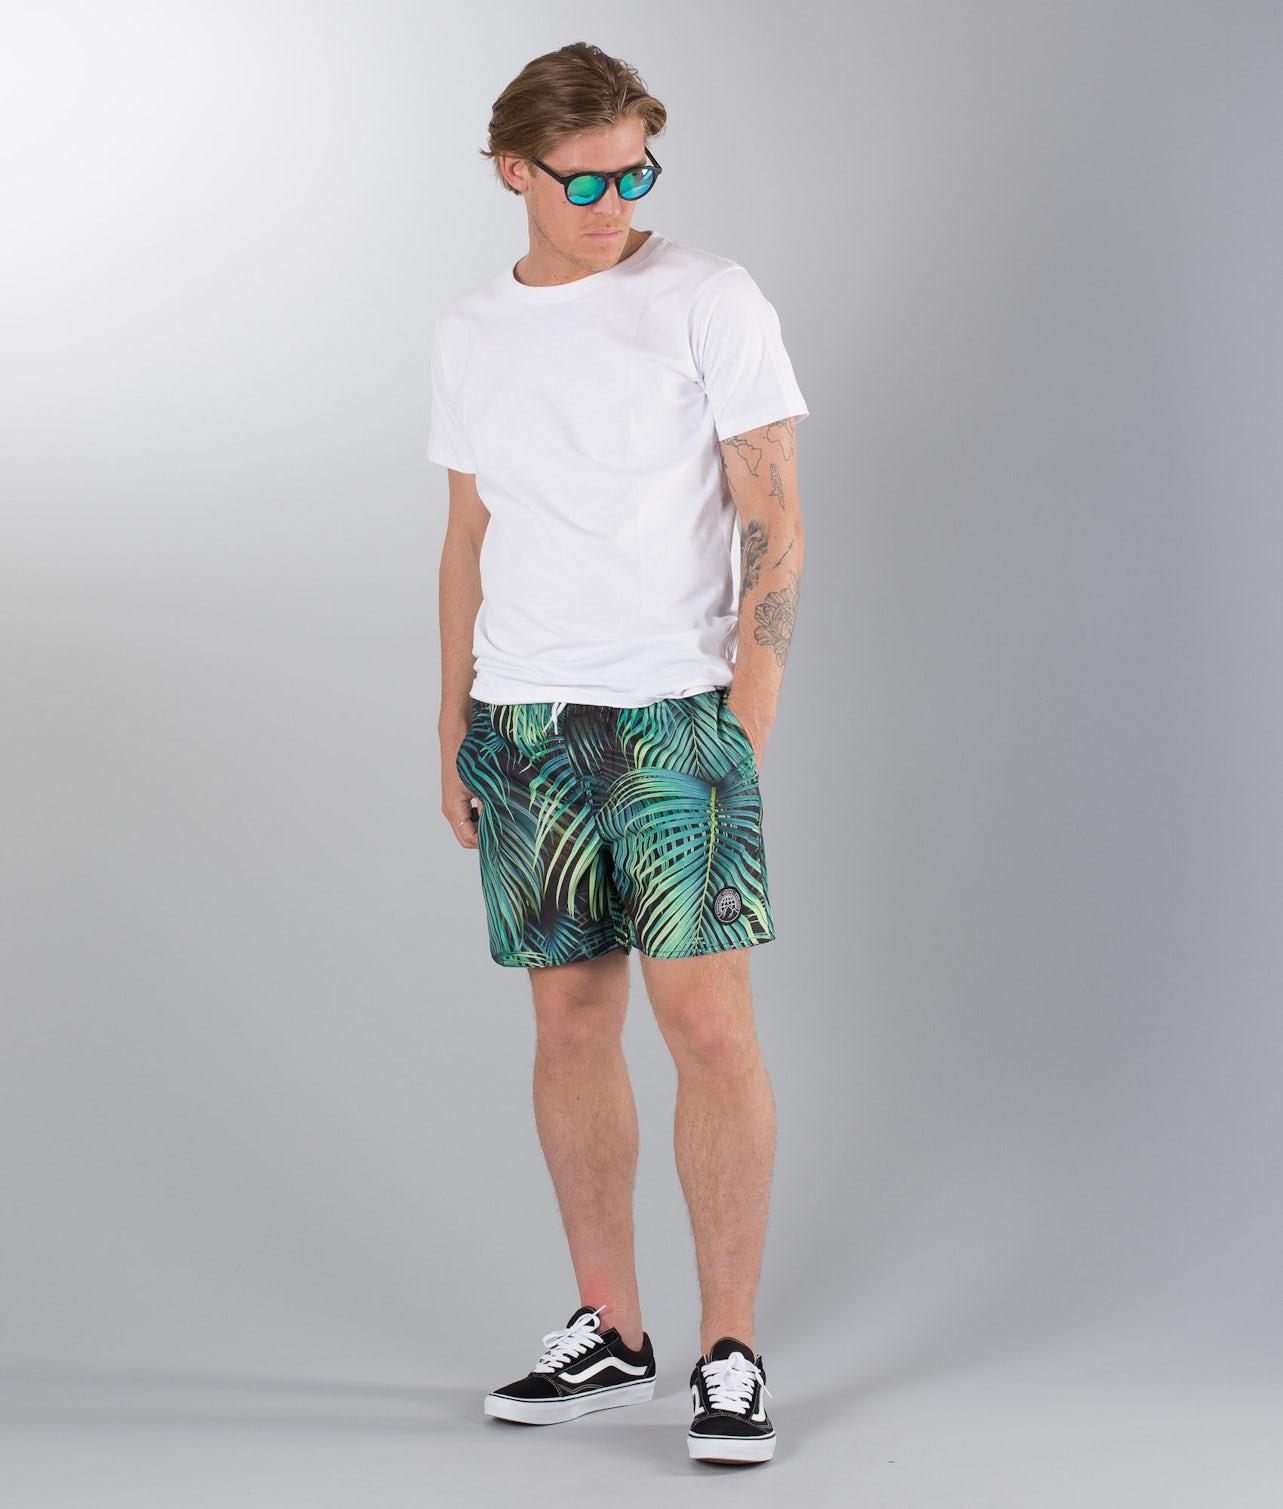 Kjøp Gaze Street Shorts fra Dope på Ridestore.no - Hos oss har du alltid fri frakt, fri retur og 30 dagers åpent kjøp!